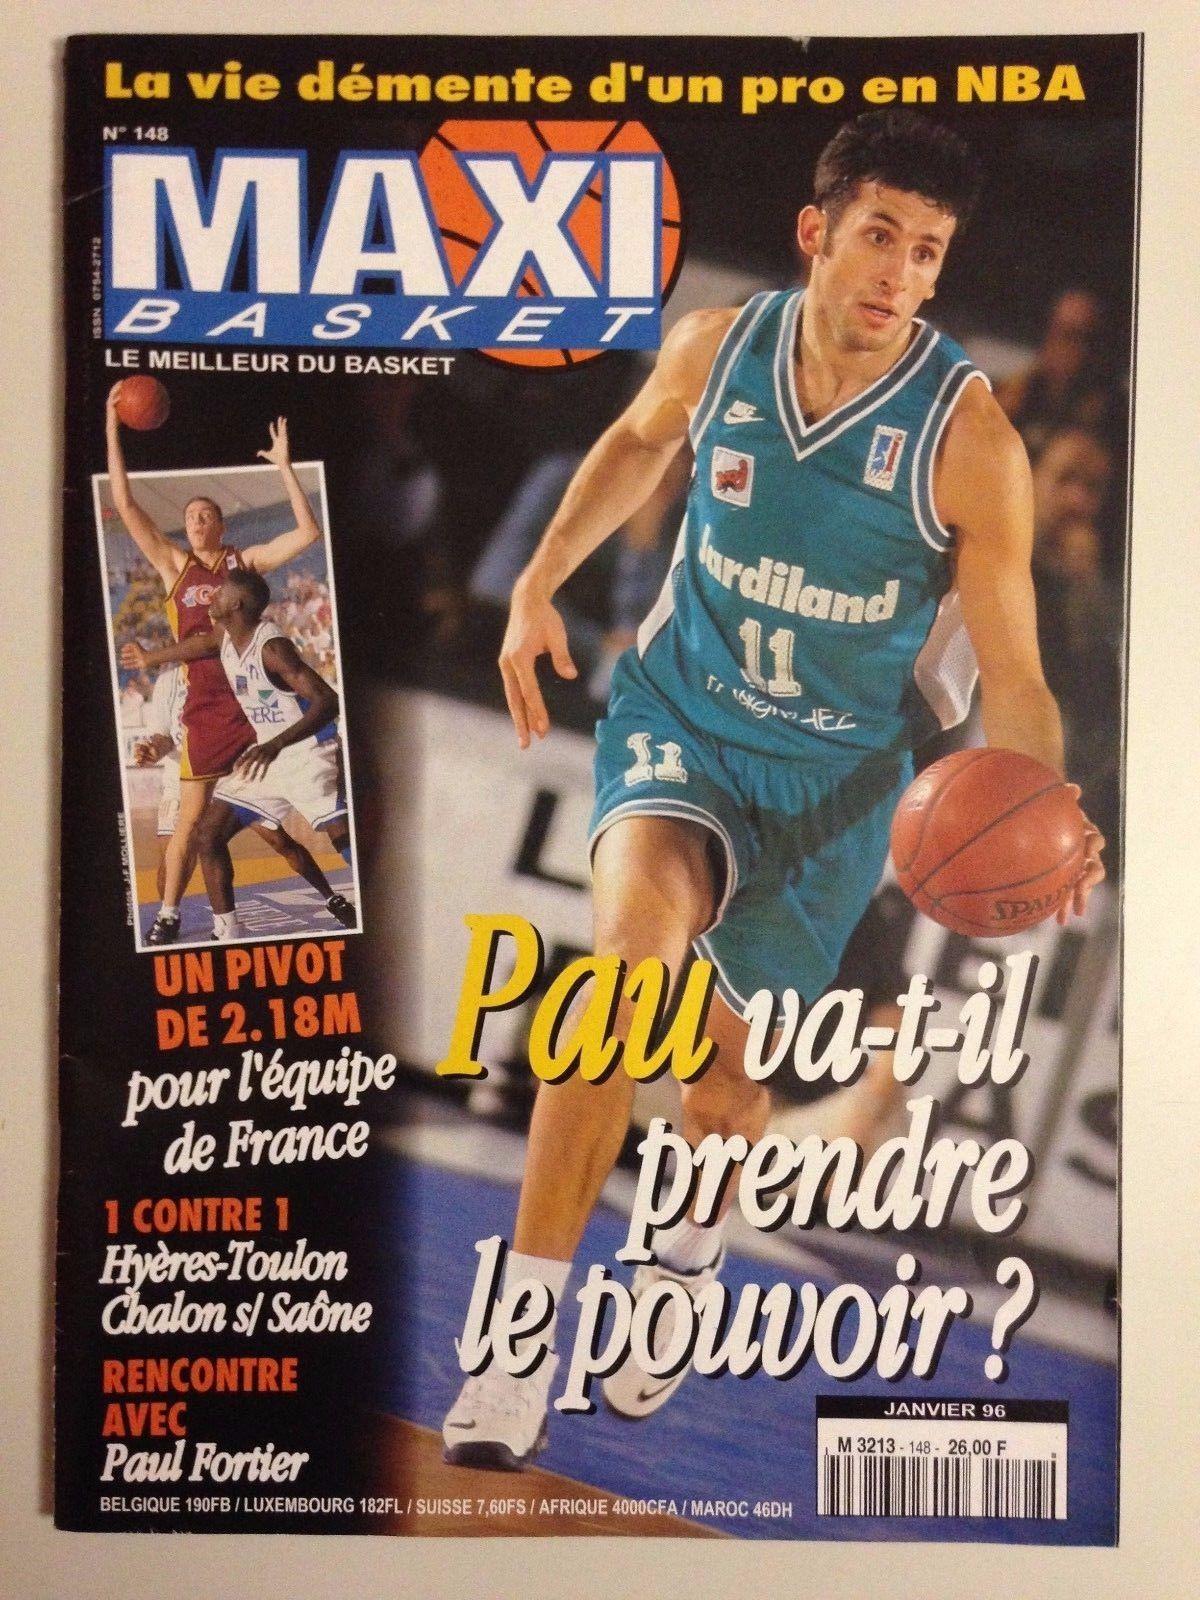 Les premiers pas de Basket Co via la revue Maxi basket